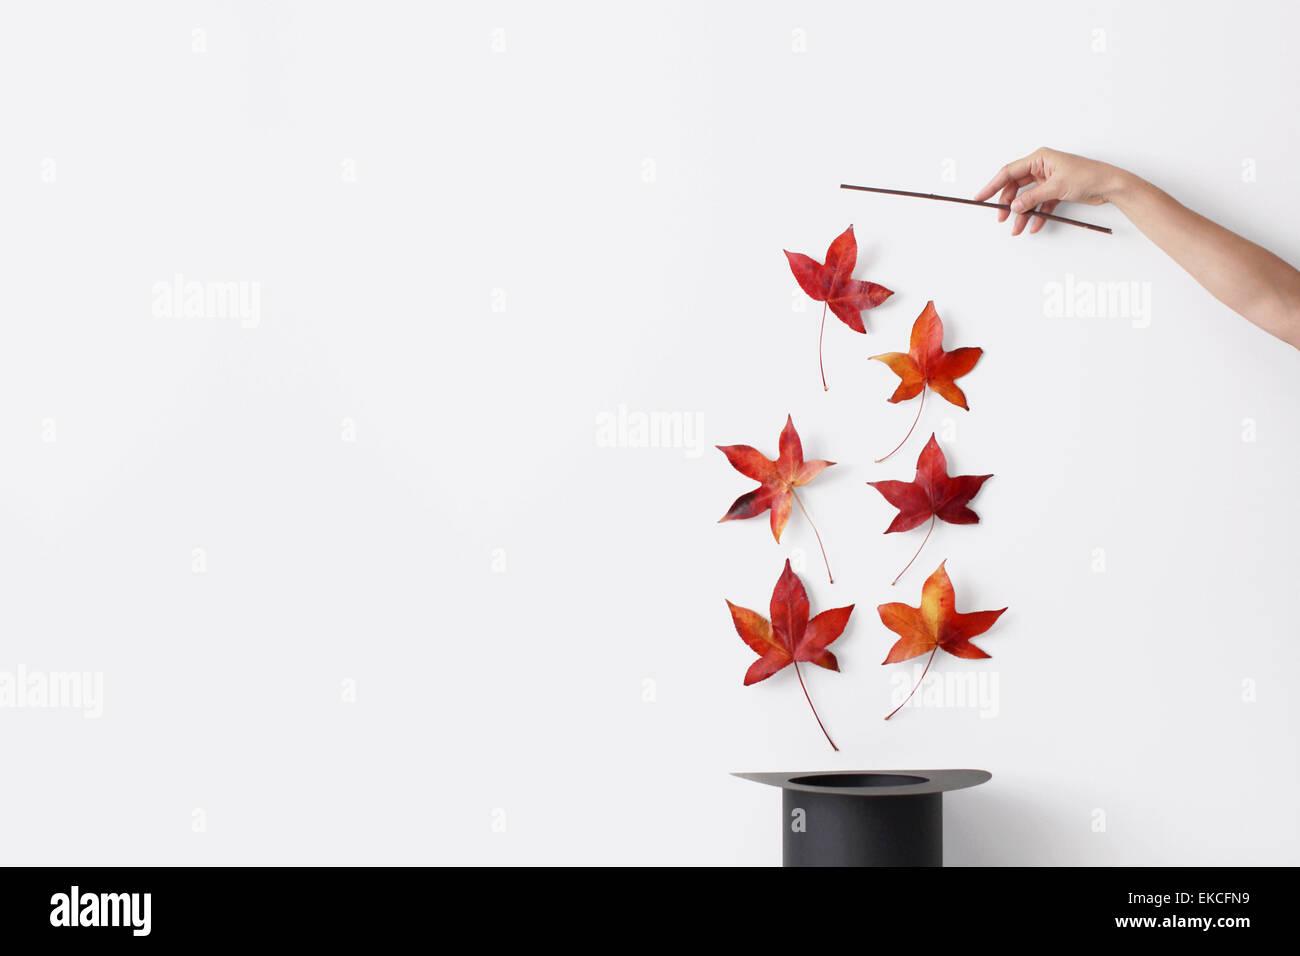 Zarte Frauenhand hält einen Zauberstab ziehende Herbst Blätter aus dem Hut Stockbild